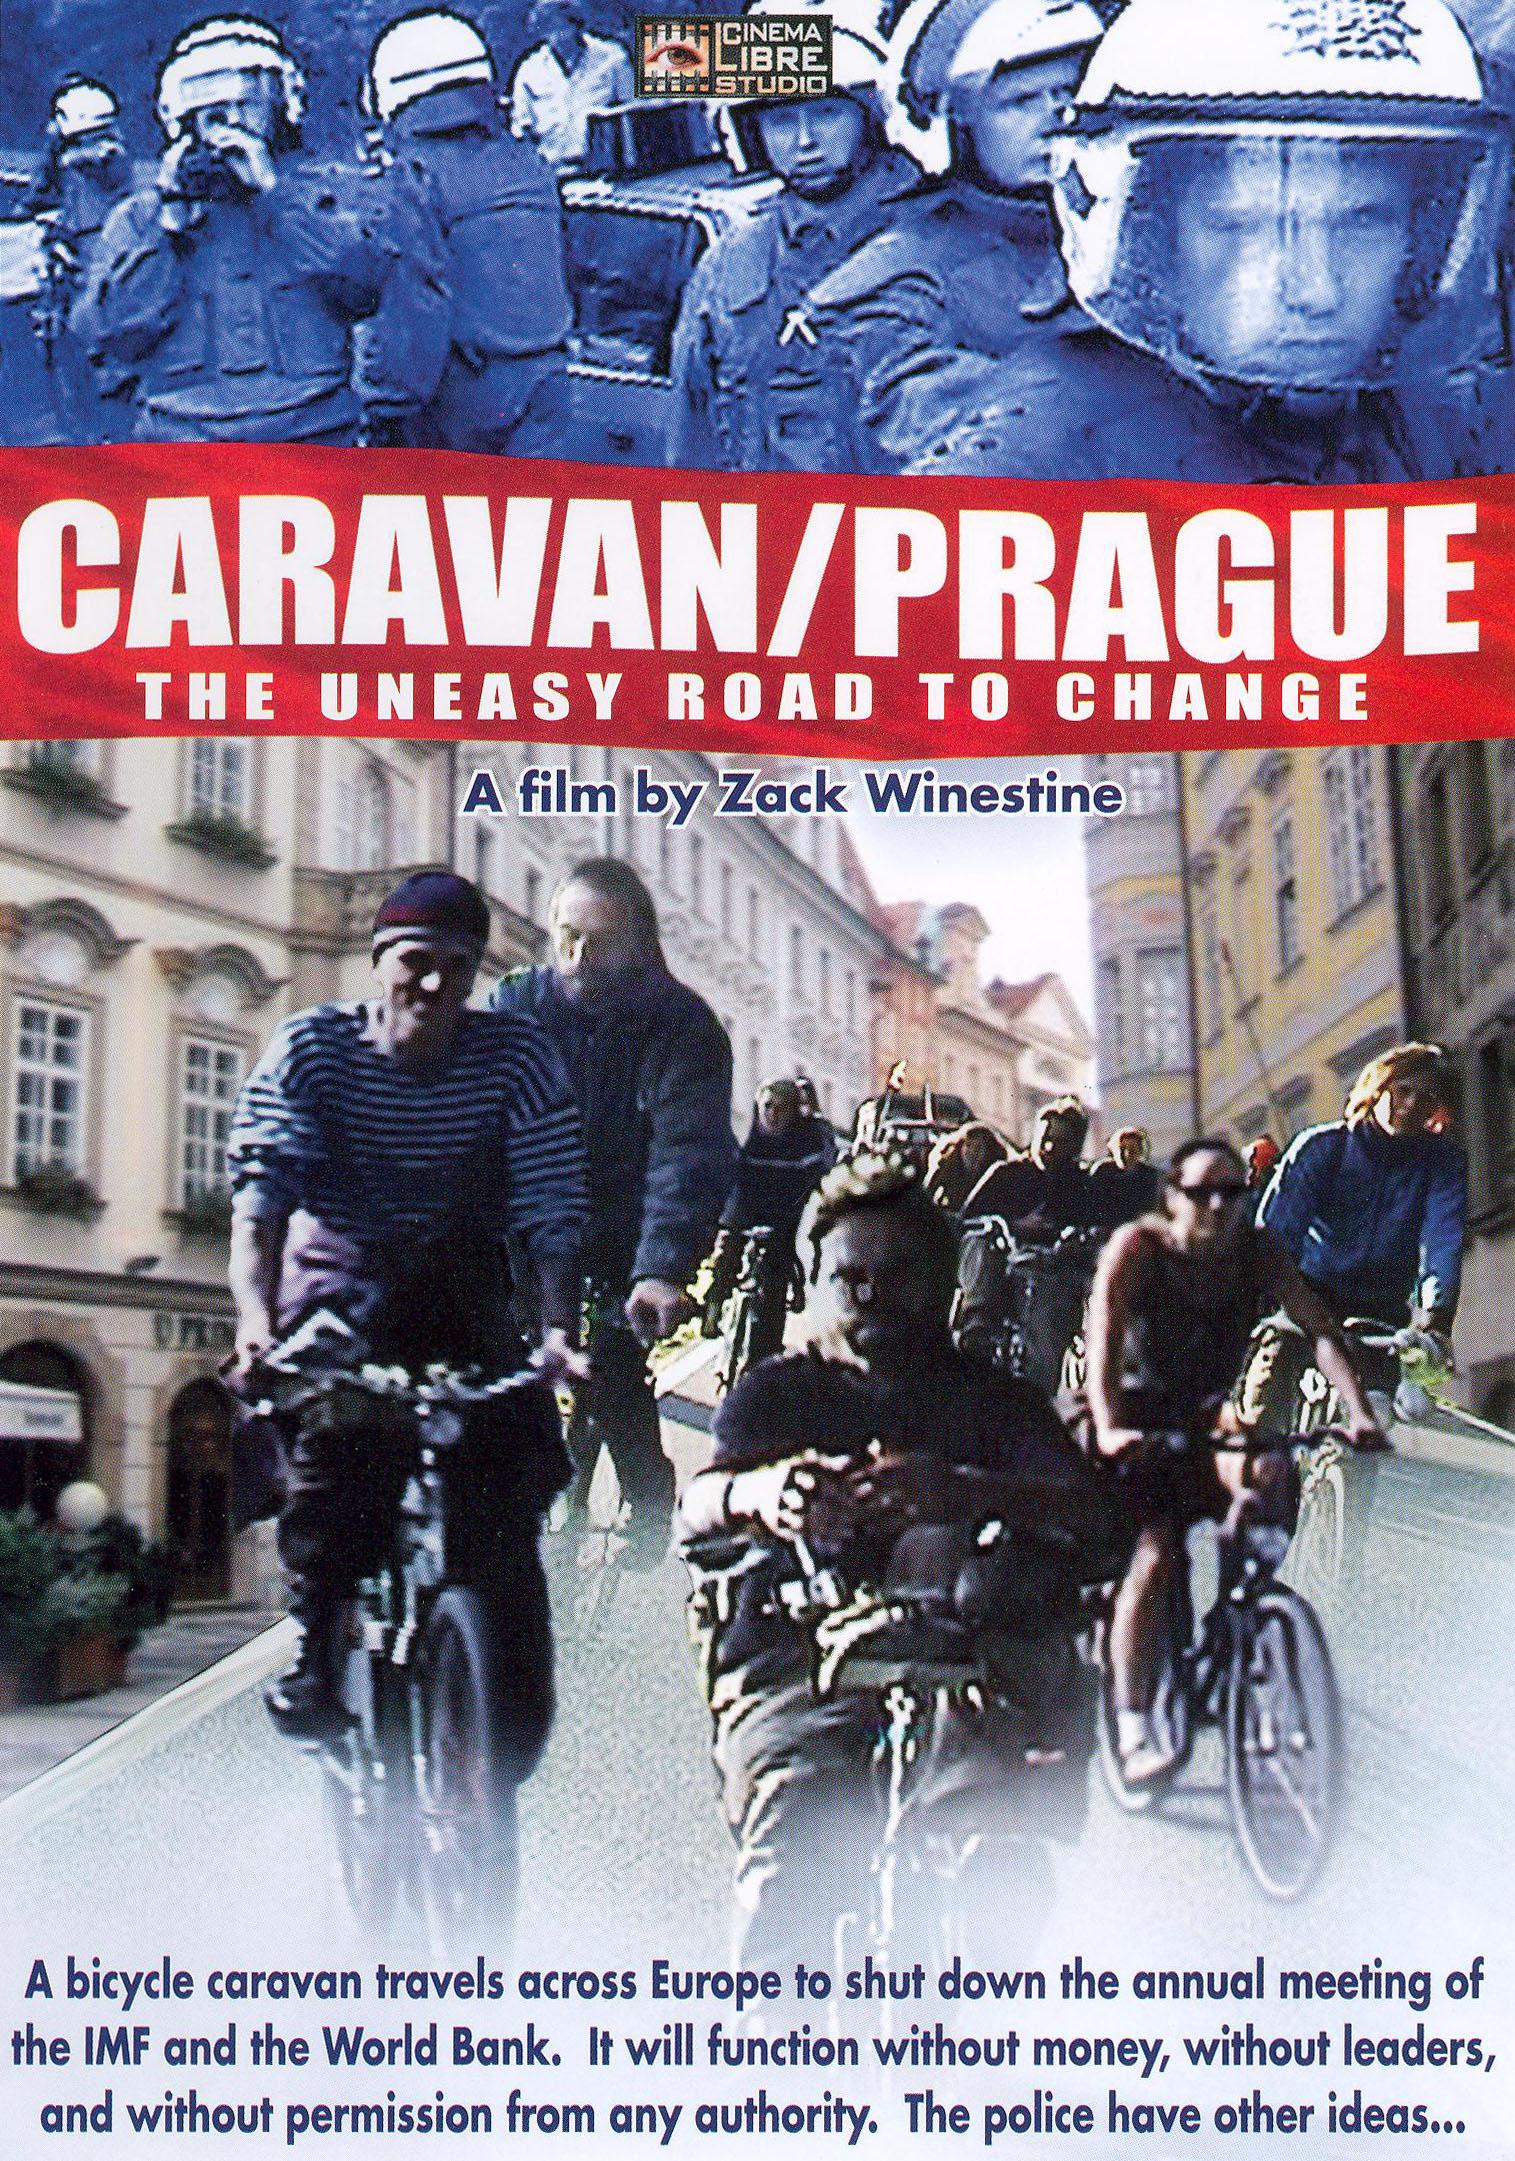 Caravan/Prague (The Uneasy Road to Change)